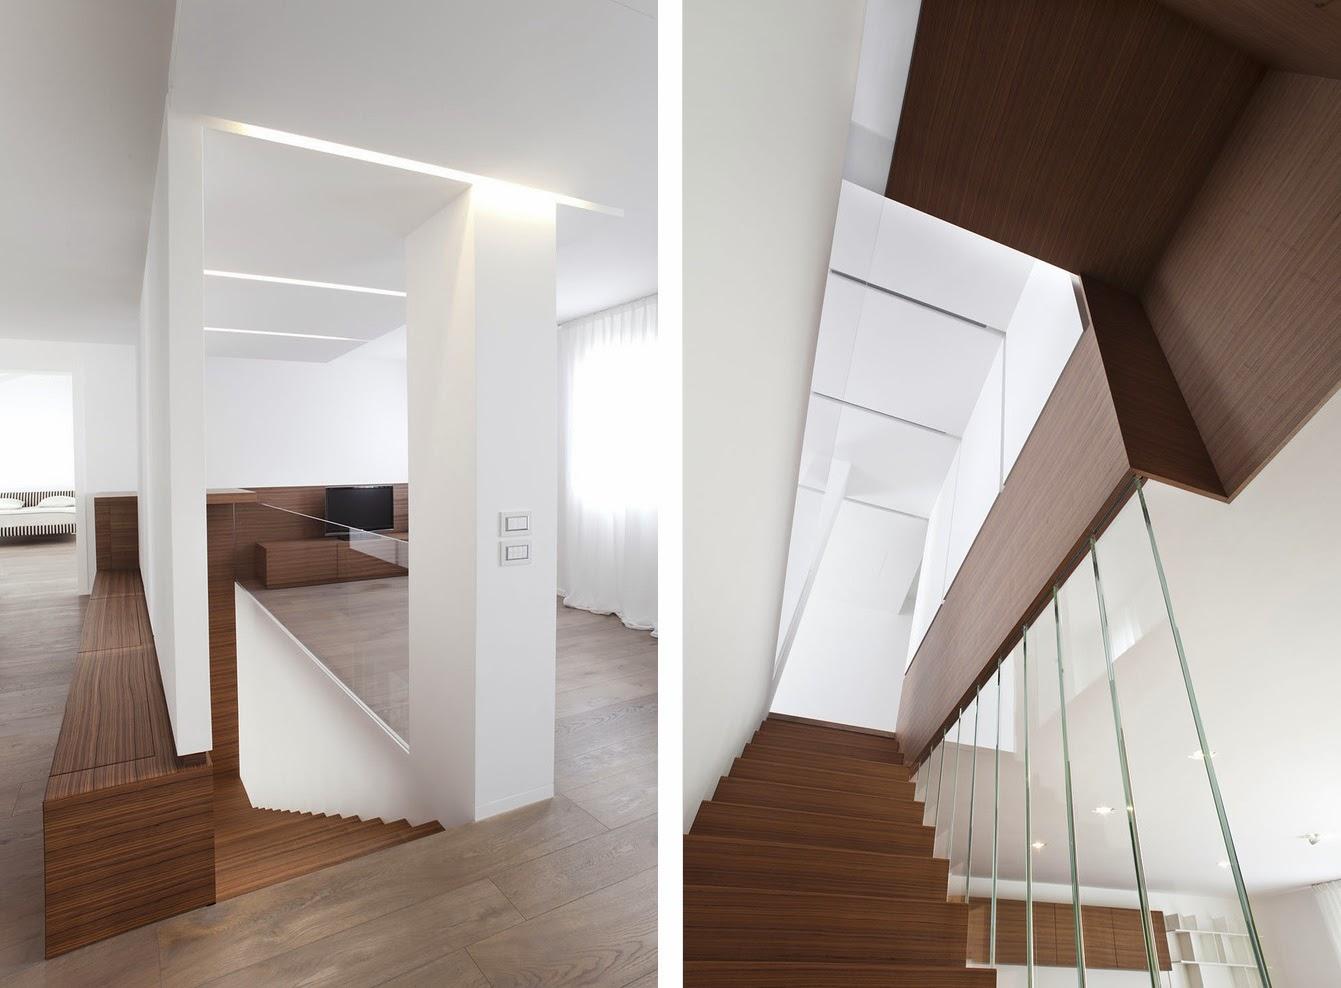 Muebles a medida en madera de zebrano espacios en madera for Muebles madera a medida